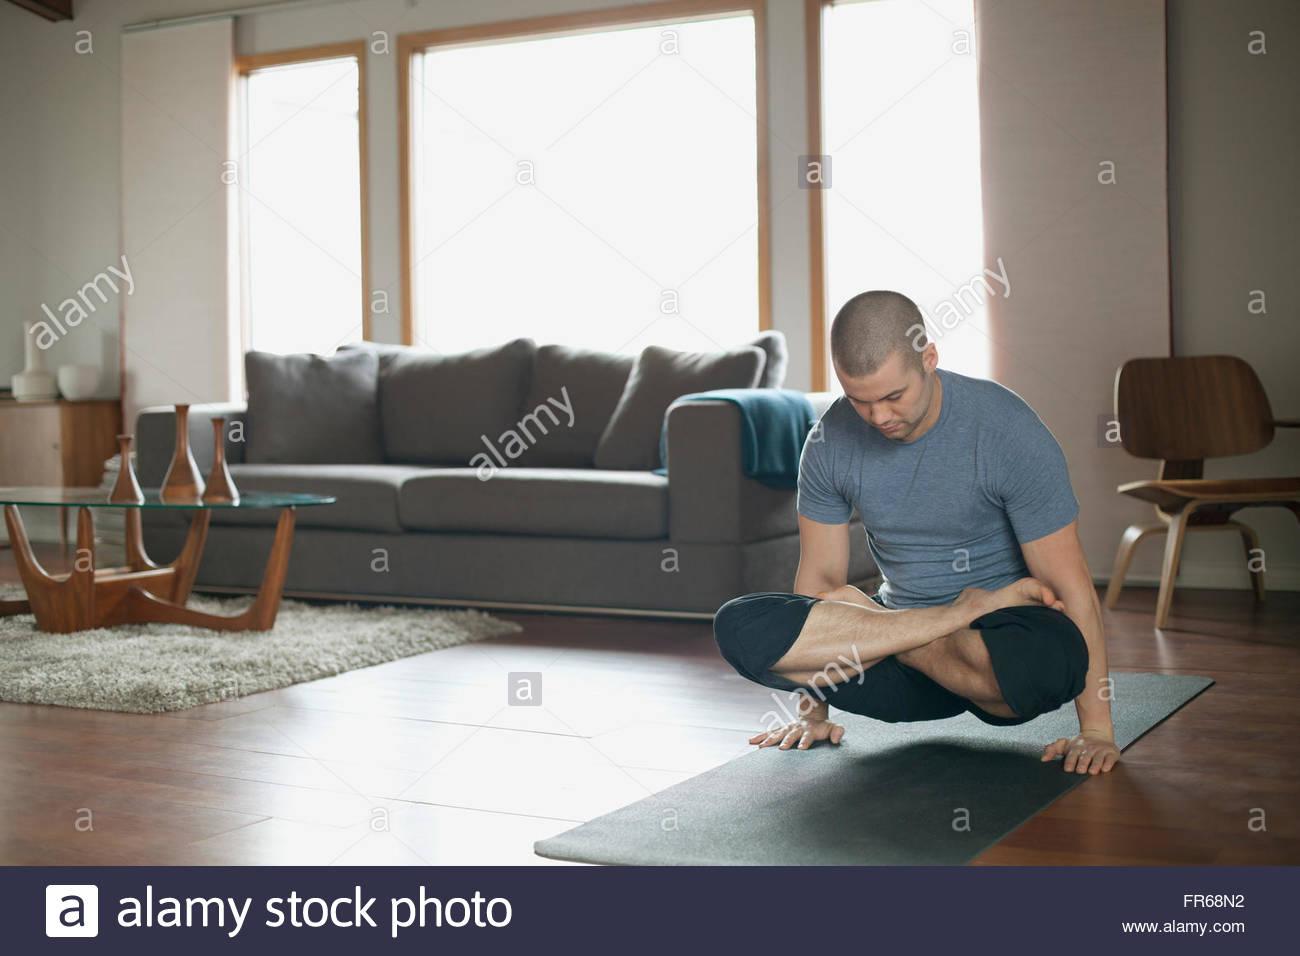 L'uomo fare yoga pone a casaFoto Stock